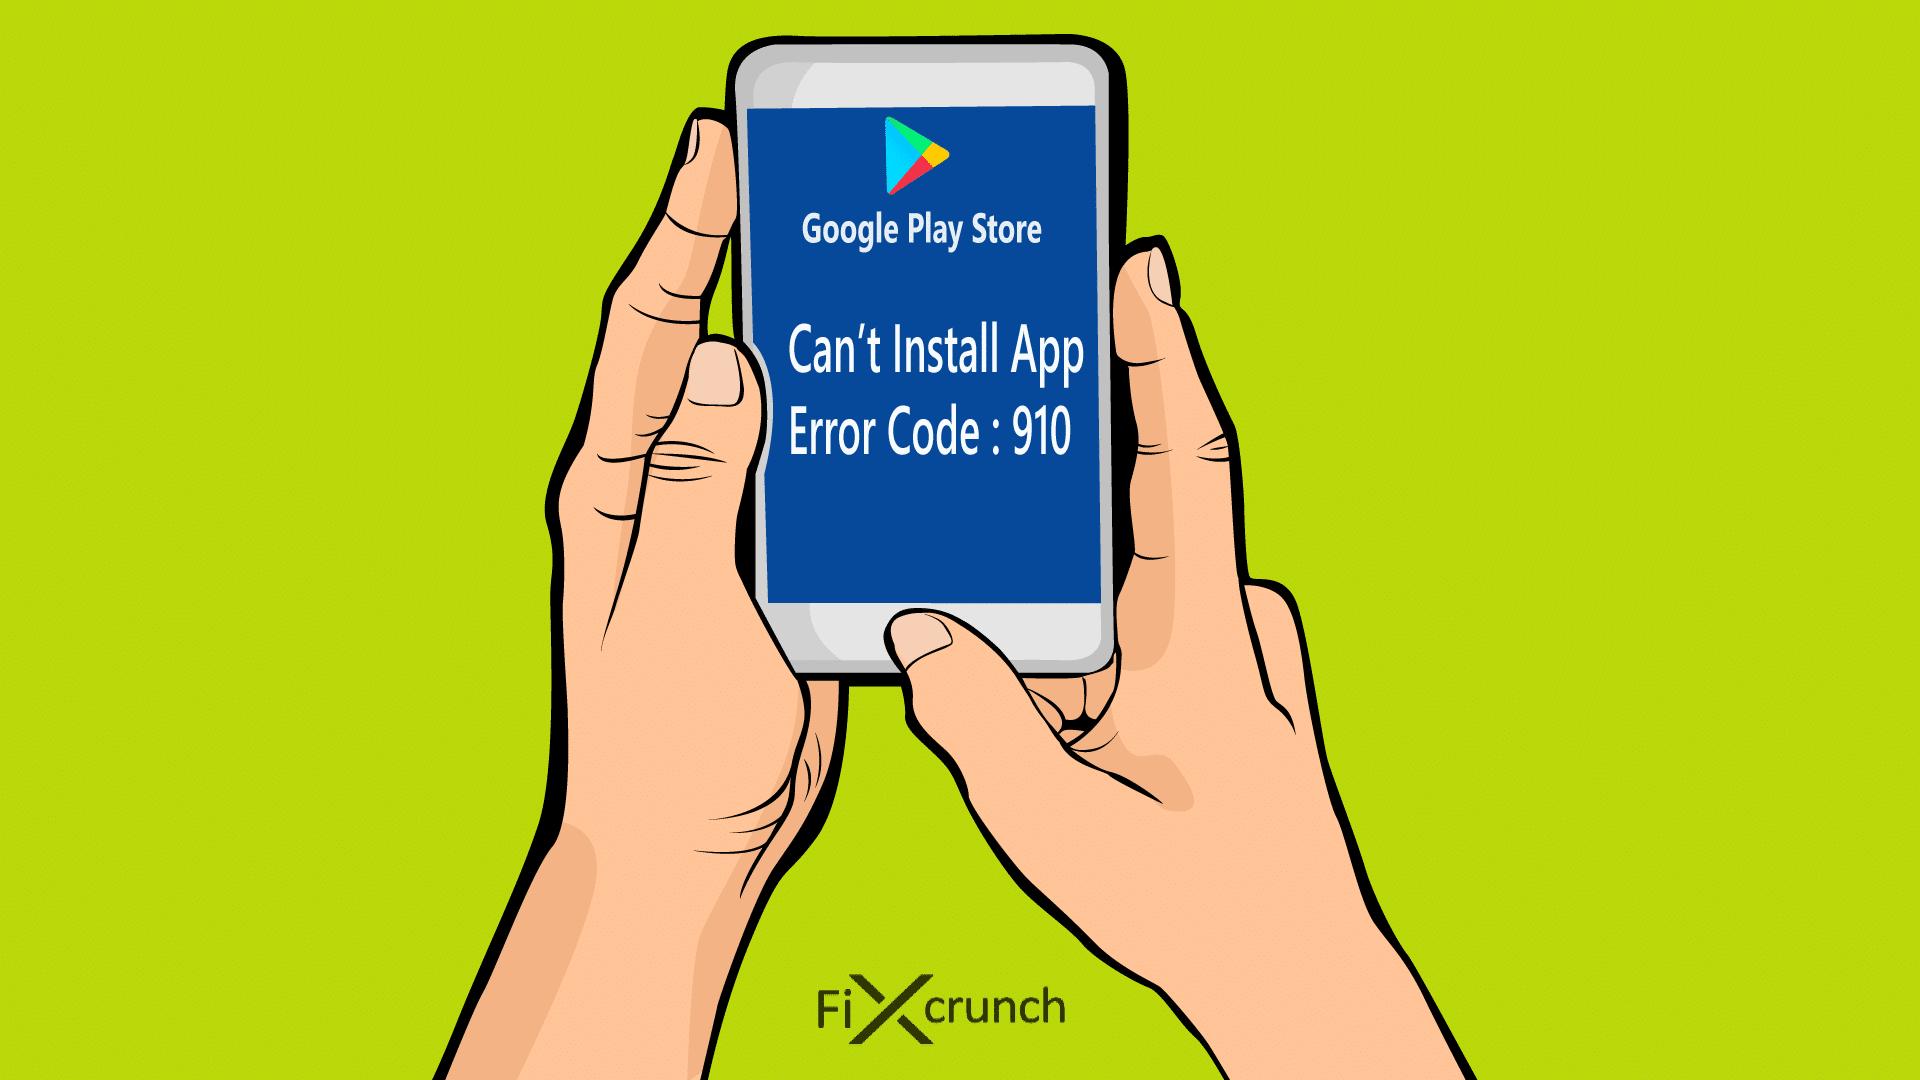 Google Play Store Error Code 910